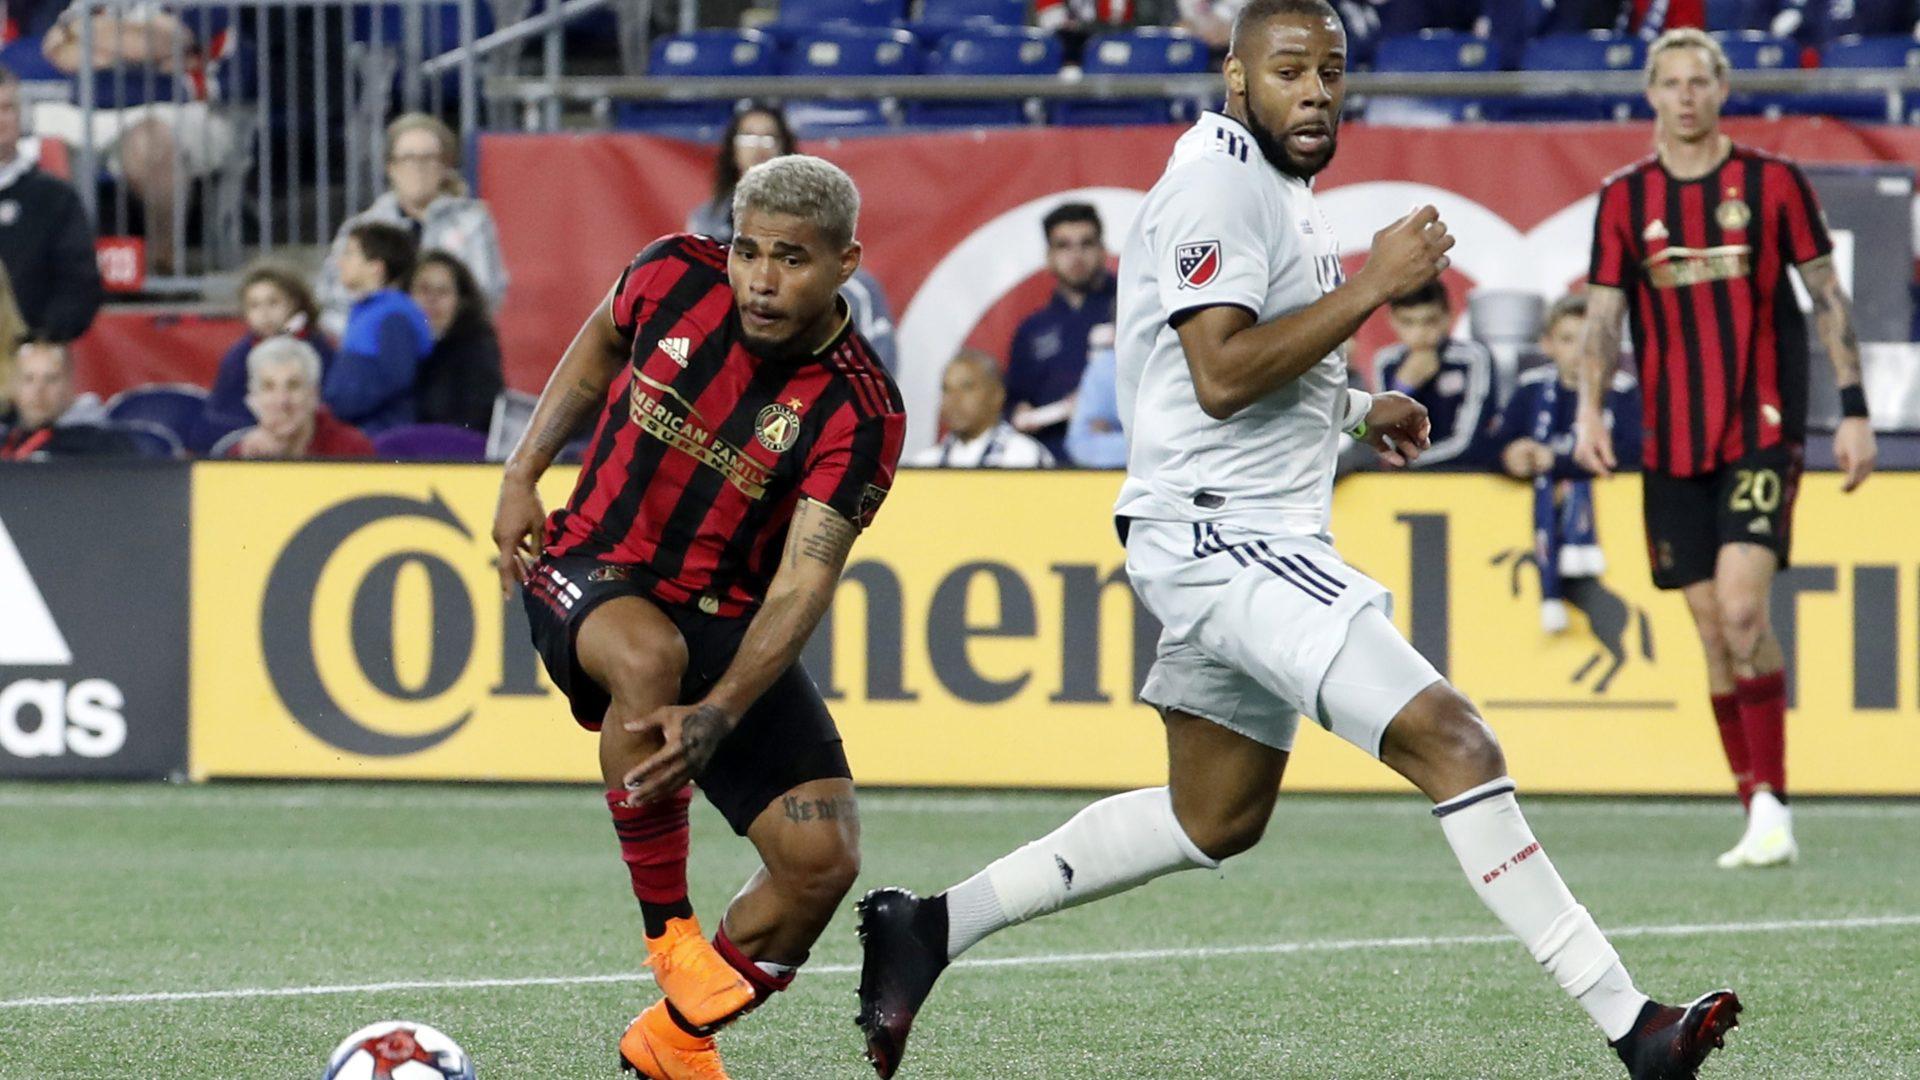 SOCCER: APR 13 MLS – Atlanta United FC at New England Revolution